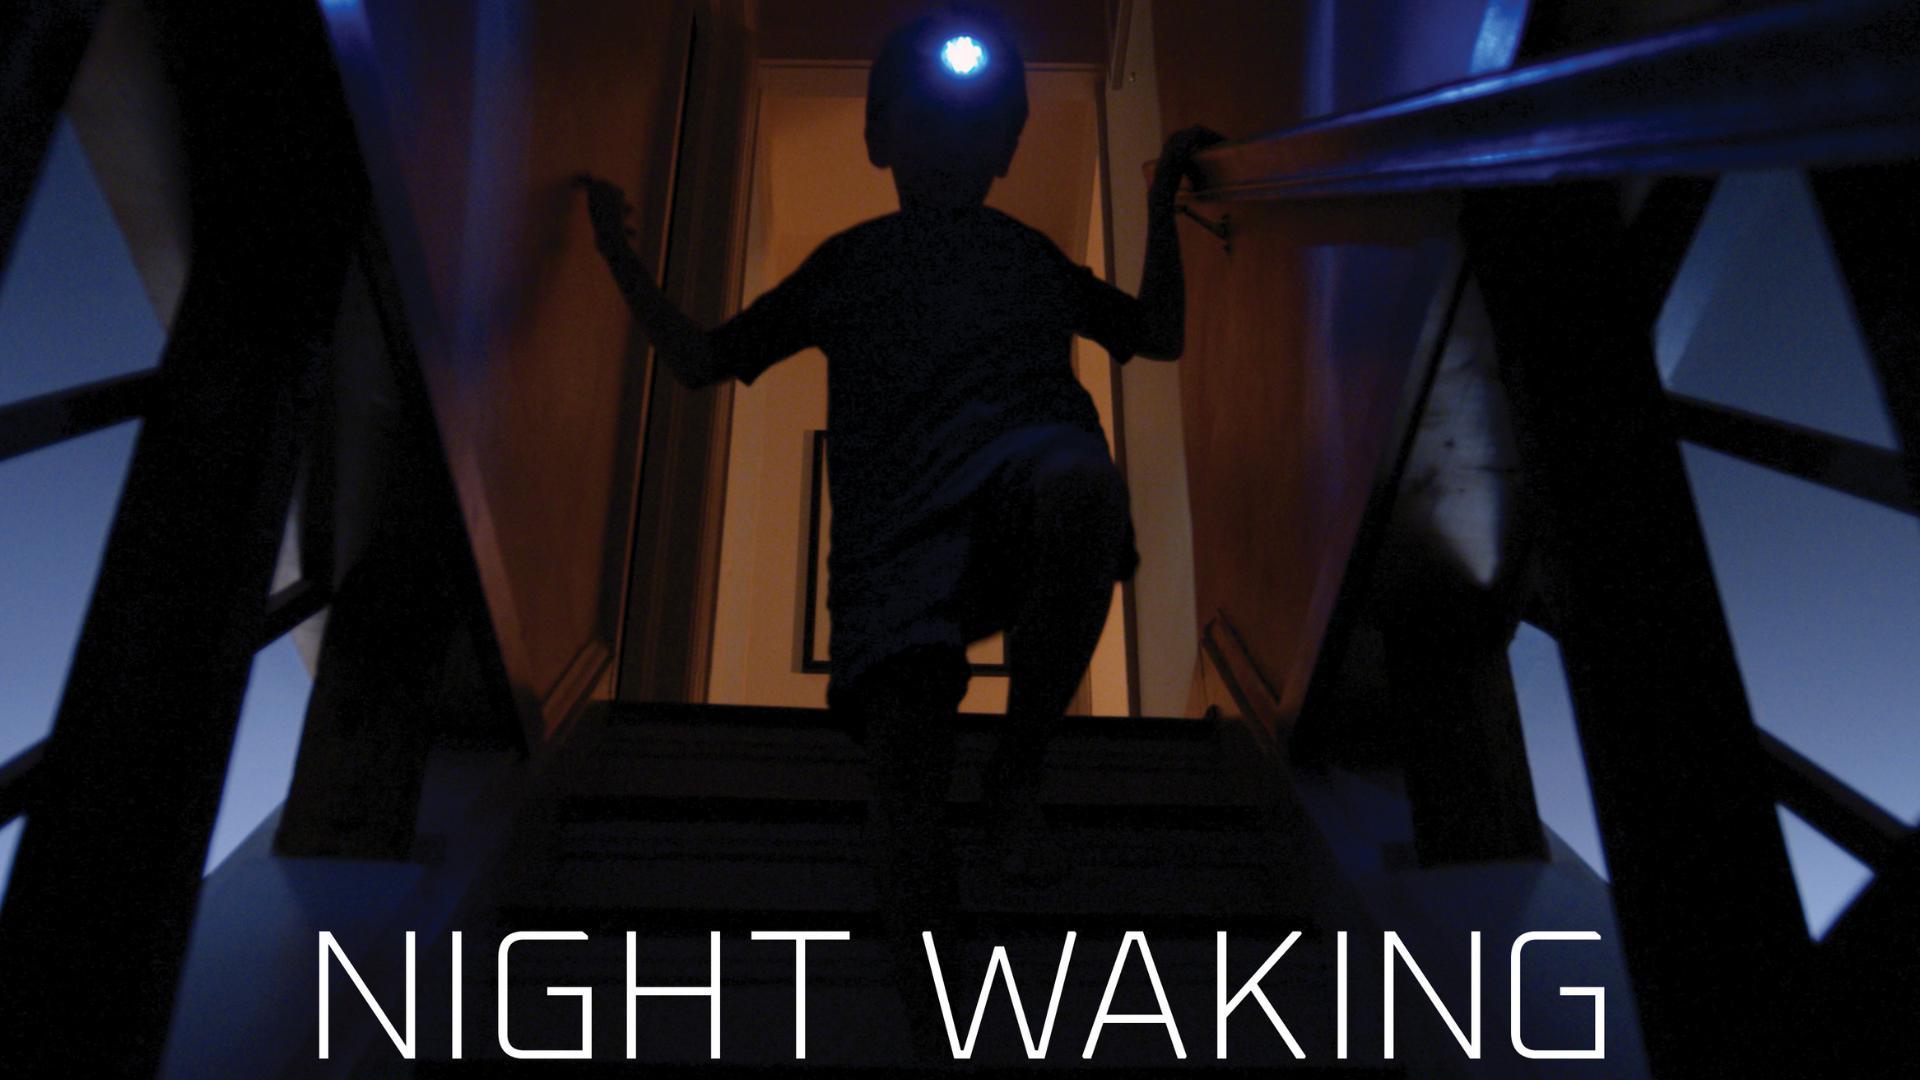 Night Waking